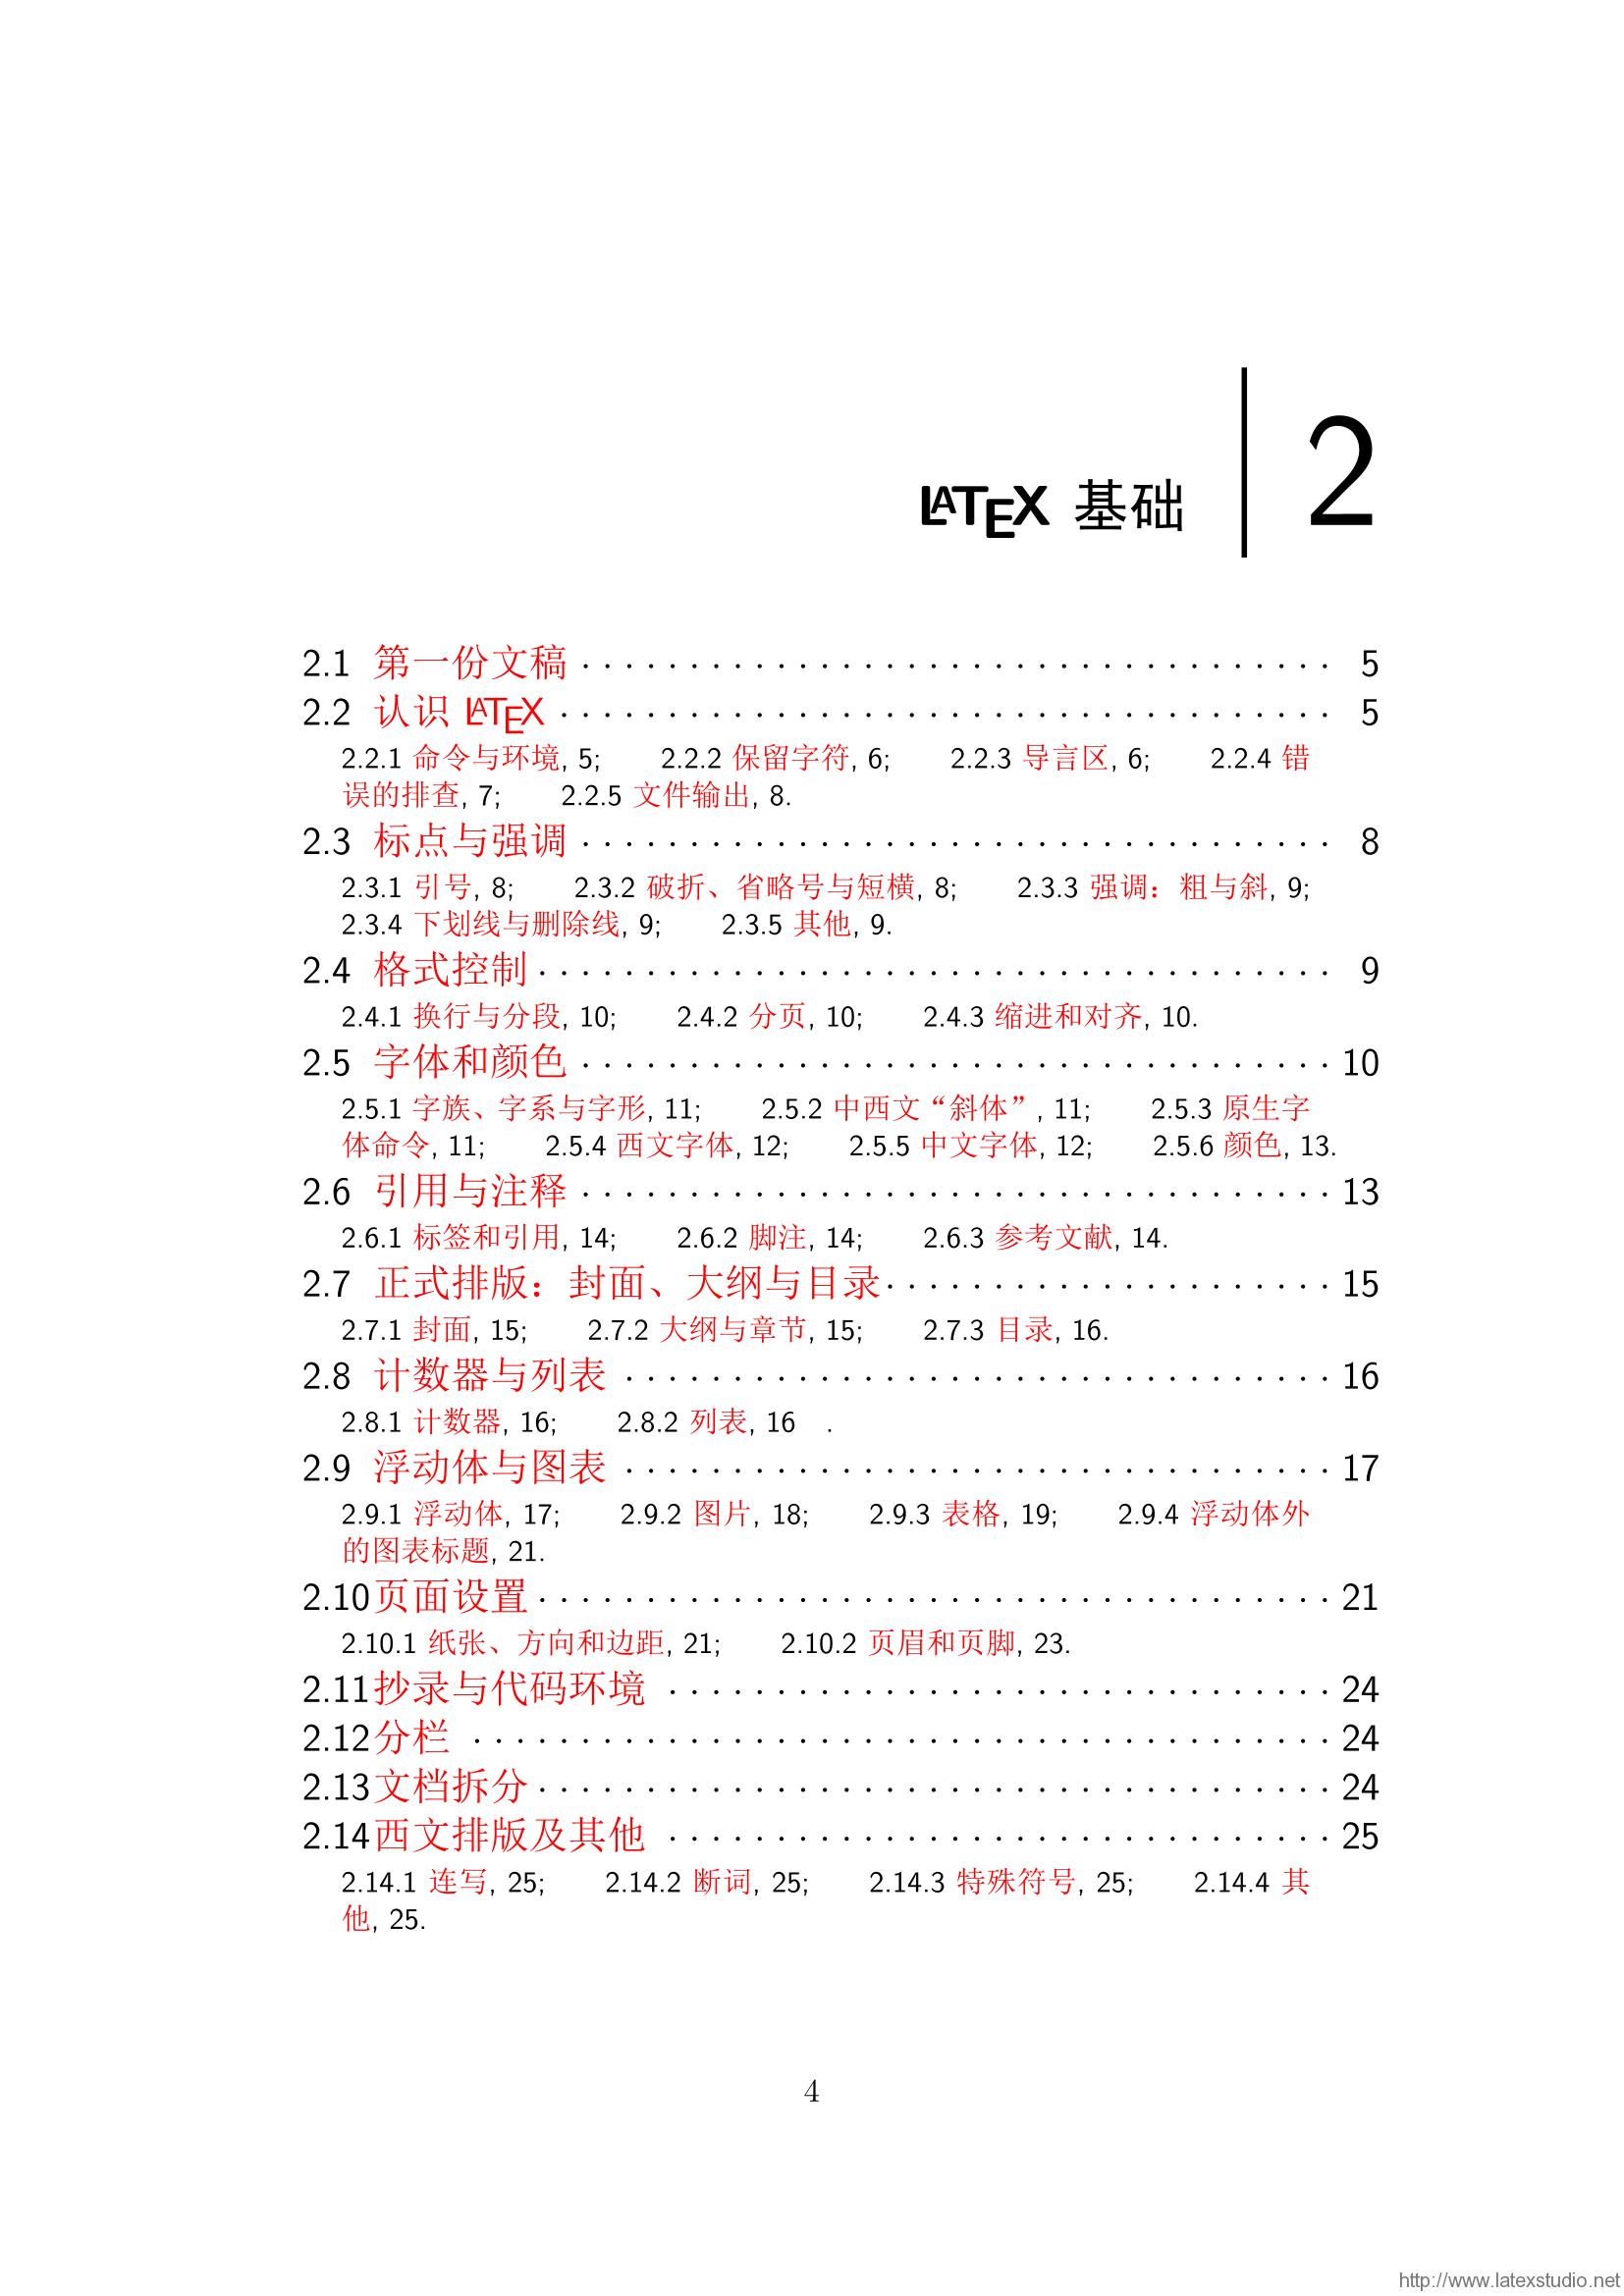 LaTeX-cn-05